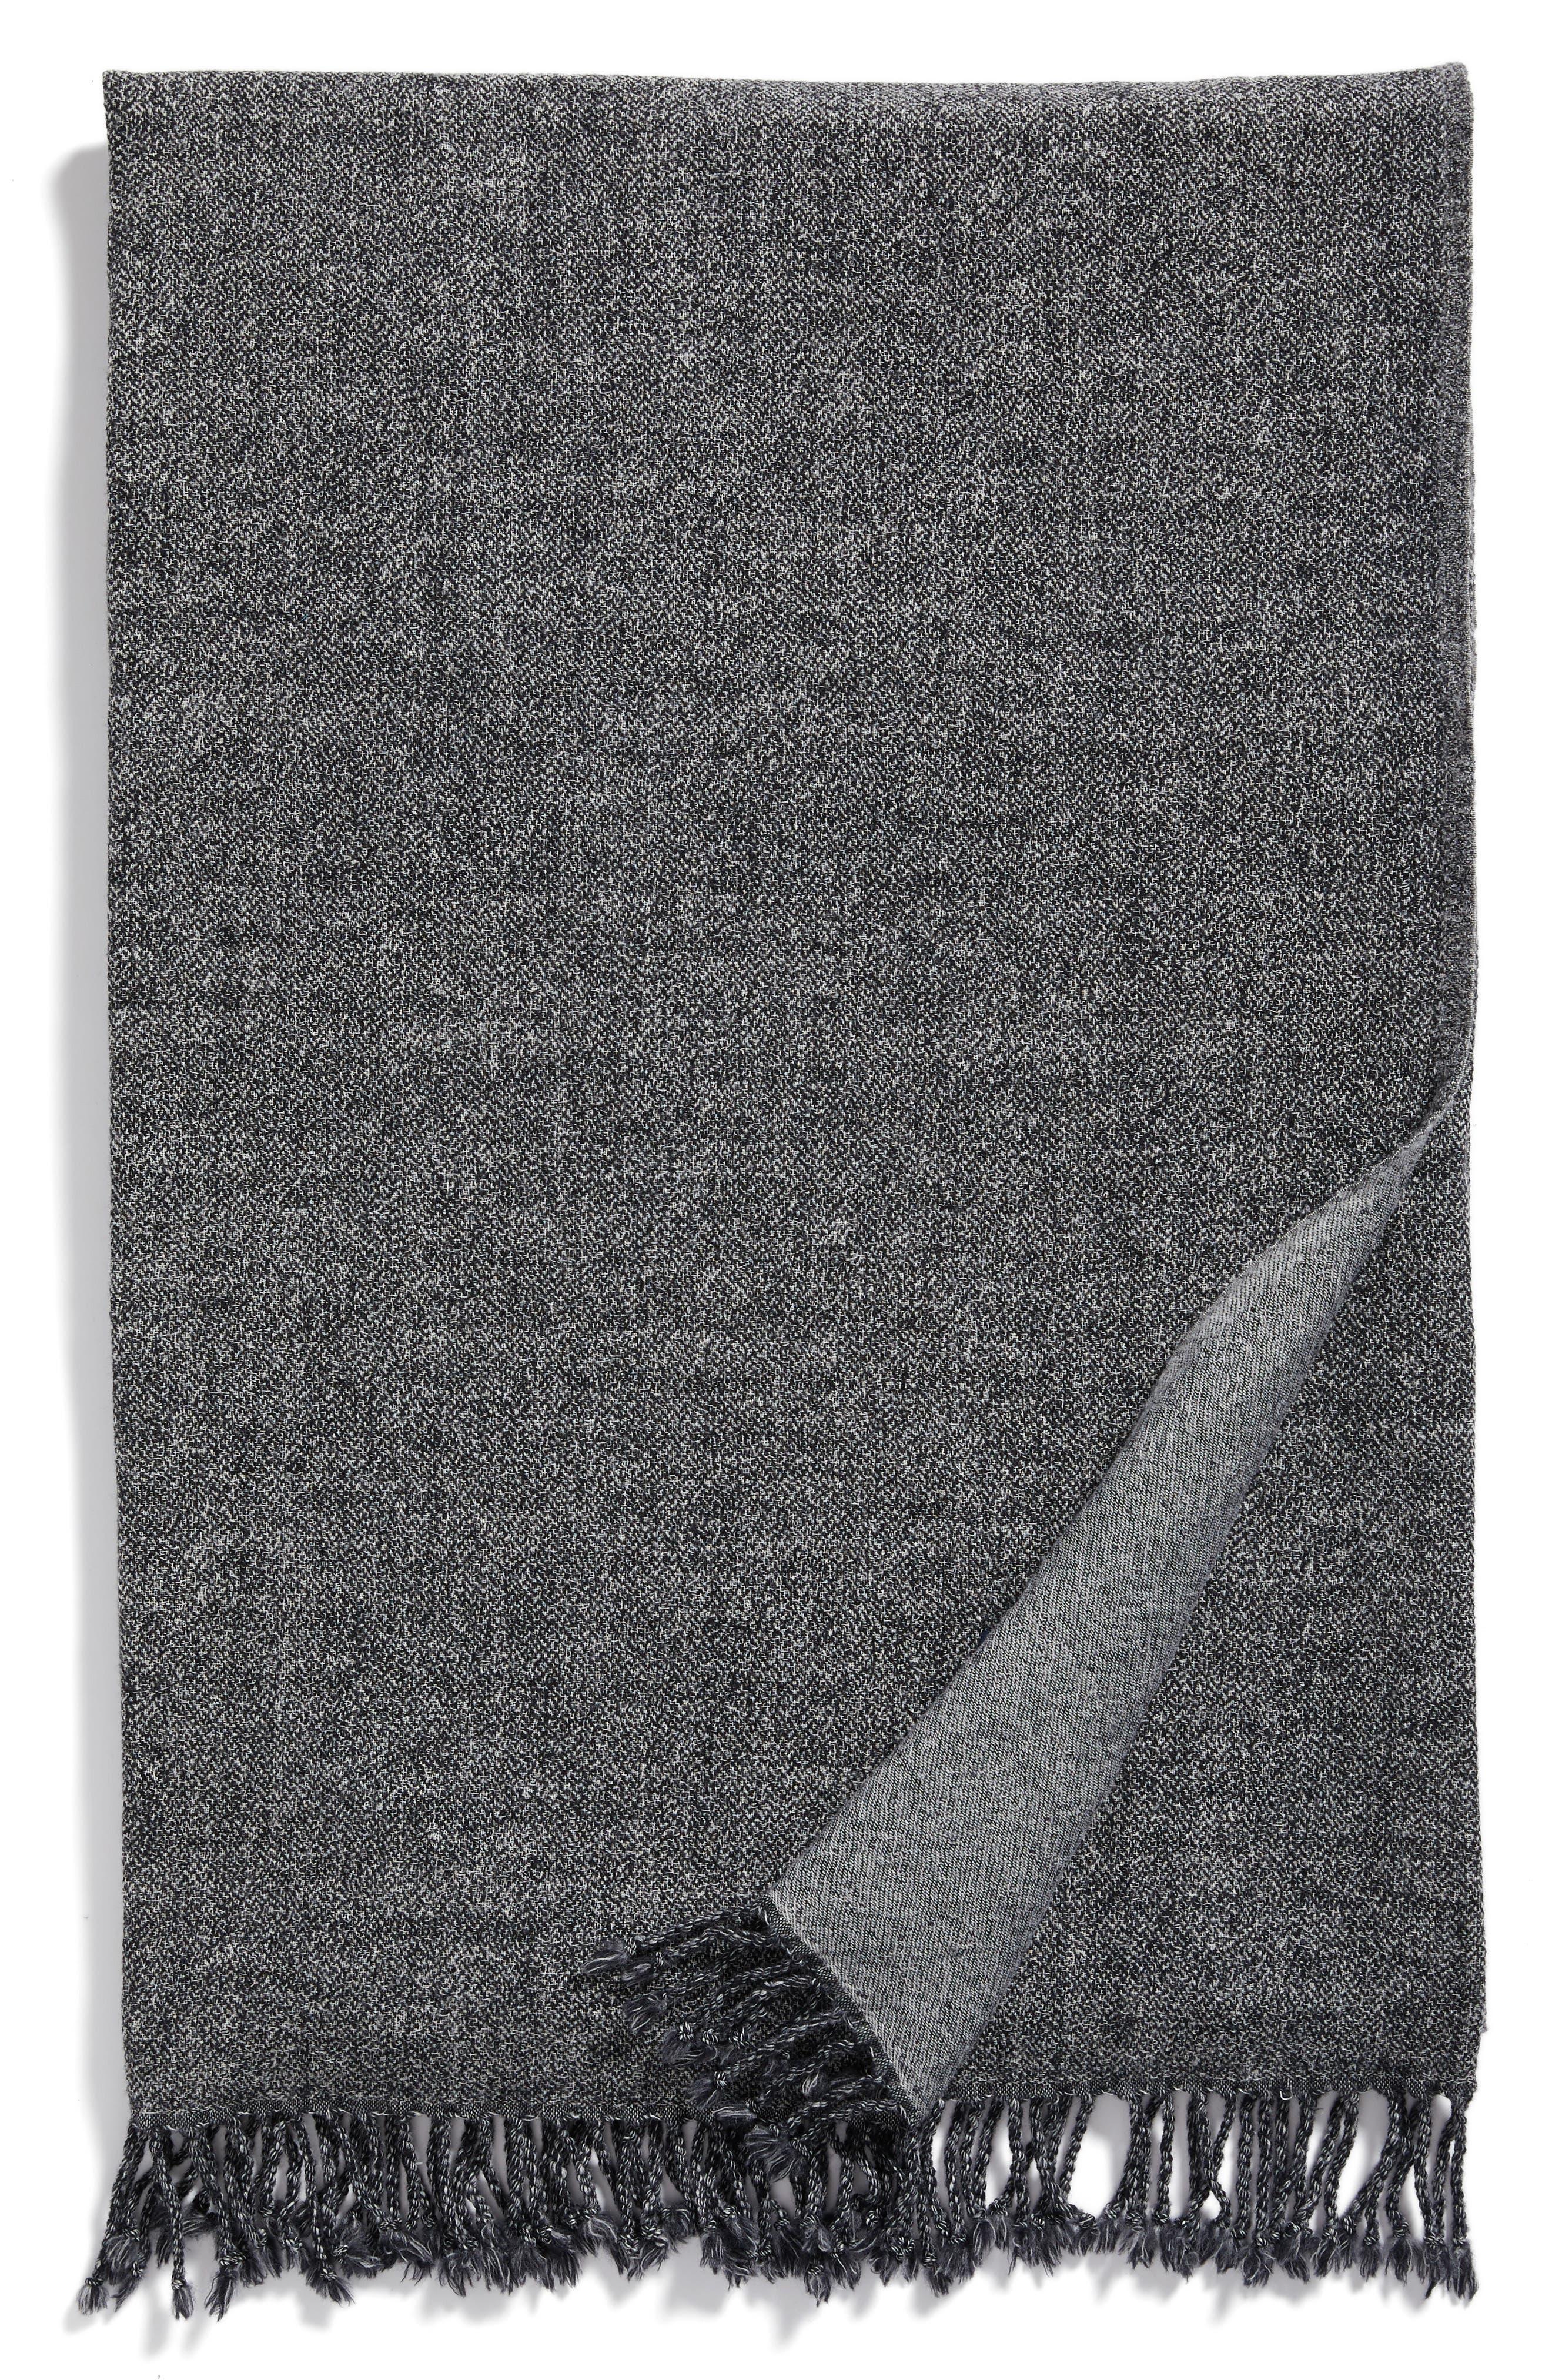 Main Image - Modern Staples Blurred Herringbone Merino Wool Throw